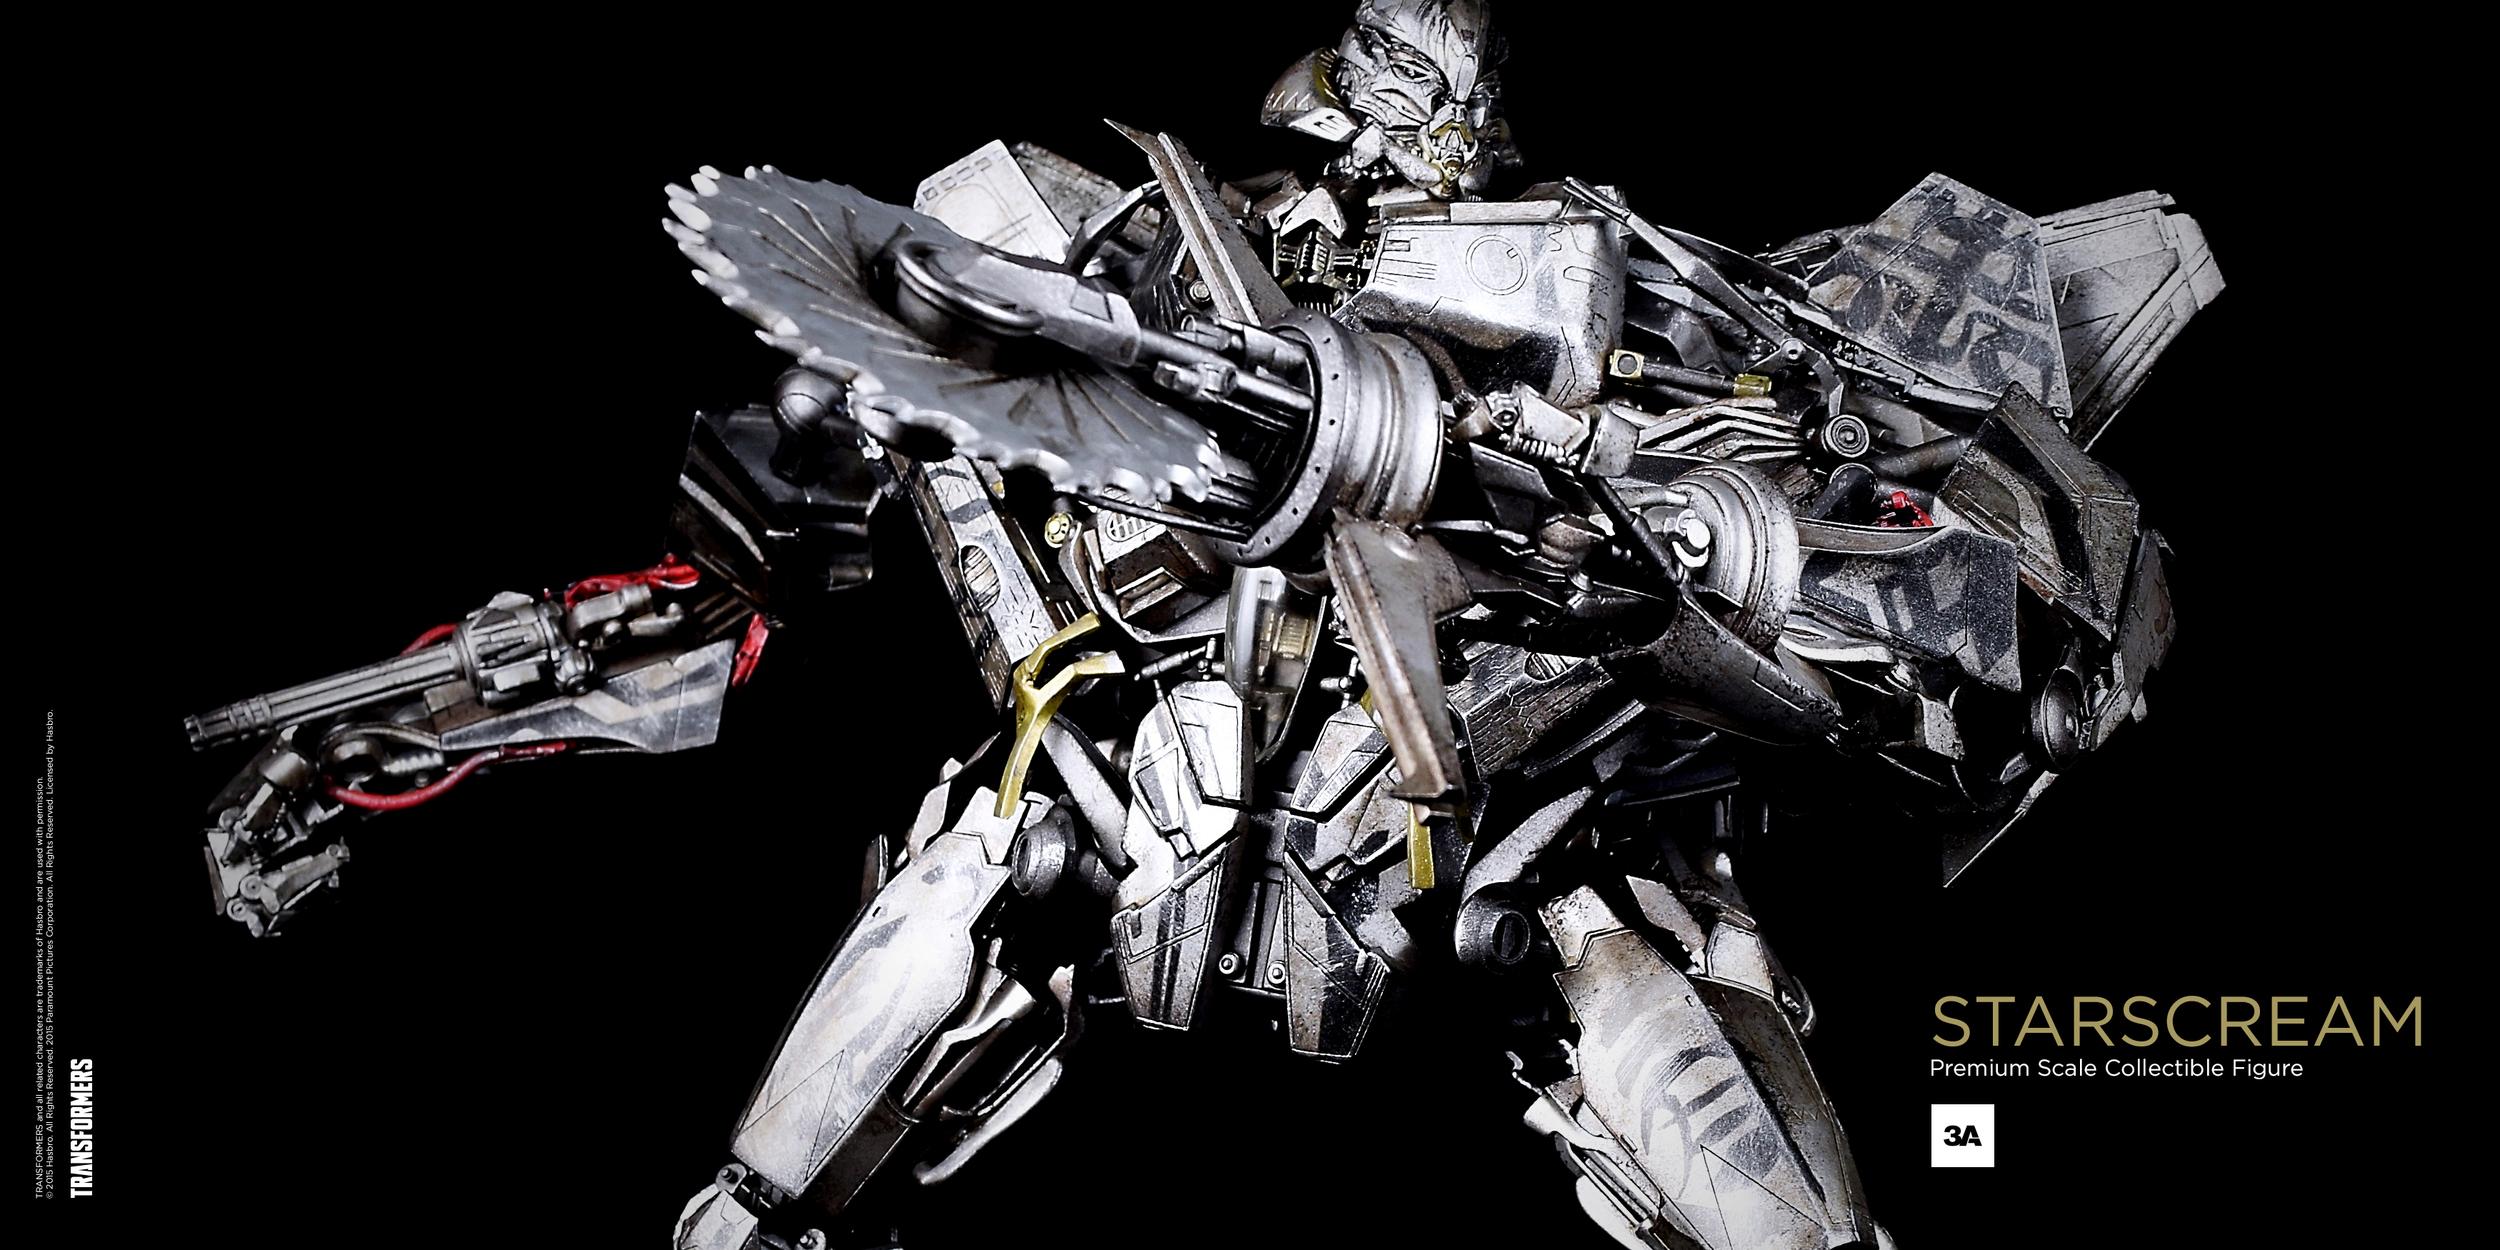 3A_Transformers_Starscream_Ad_3500x1700_E_002.jpg